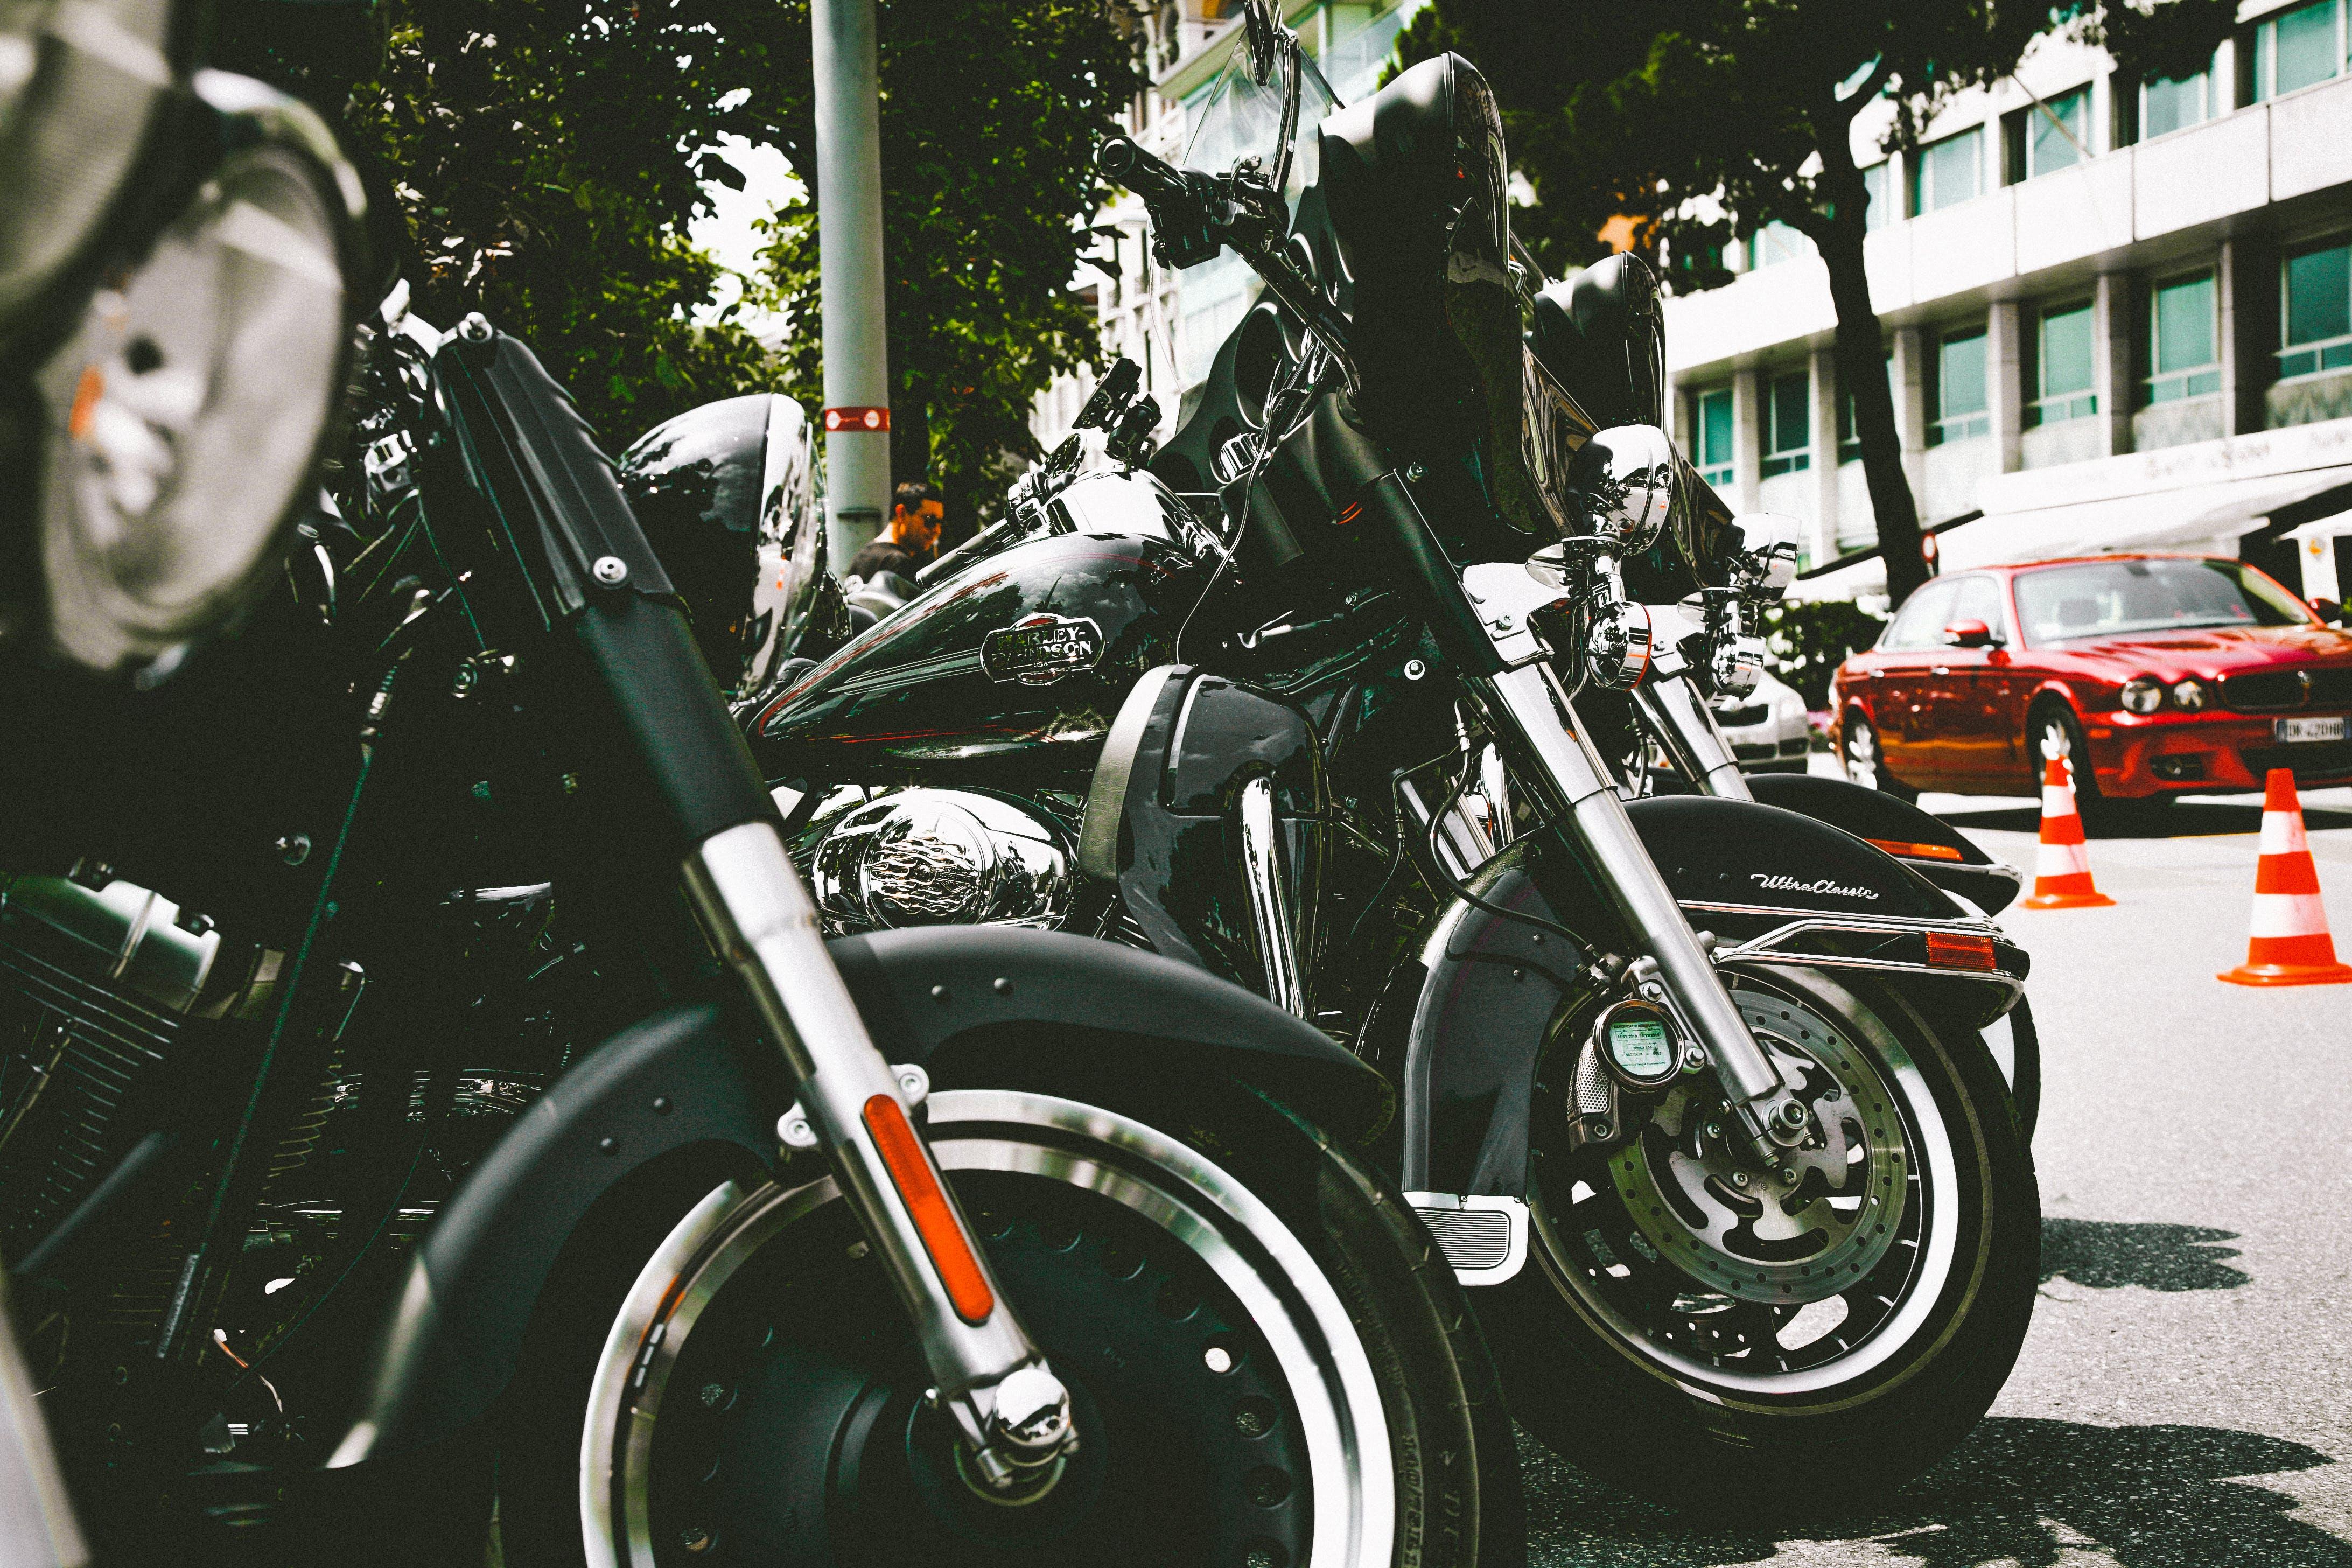 Kostenloses Stock Foto zu chrom, fahrräder, fahrzeuge, geparkt